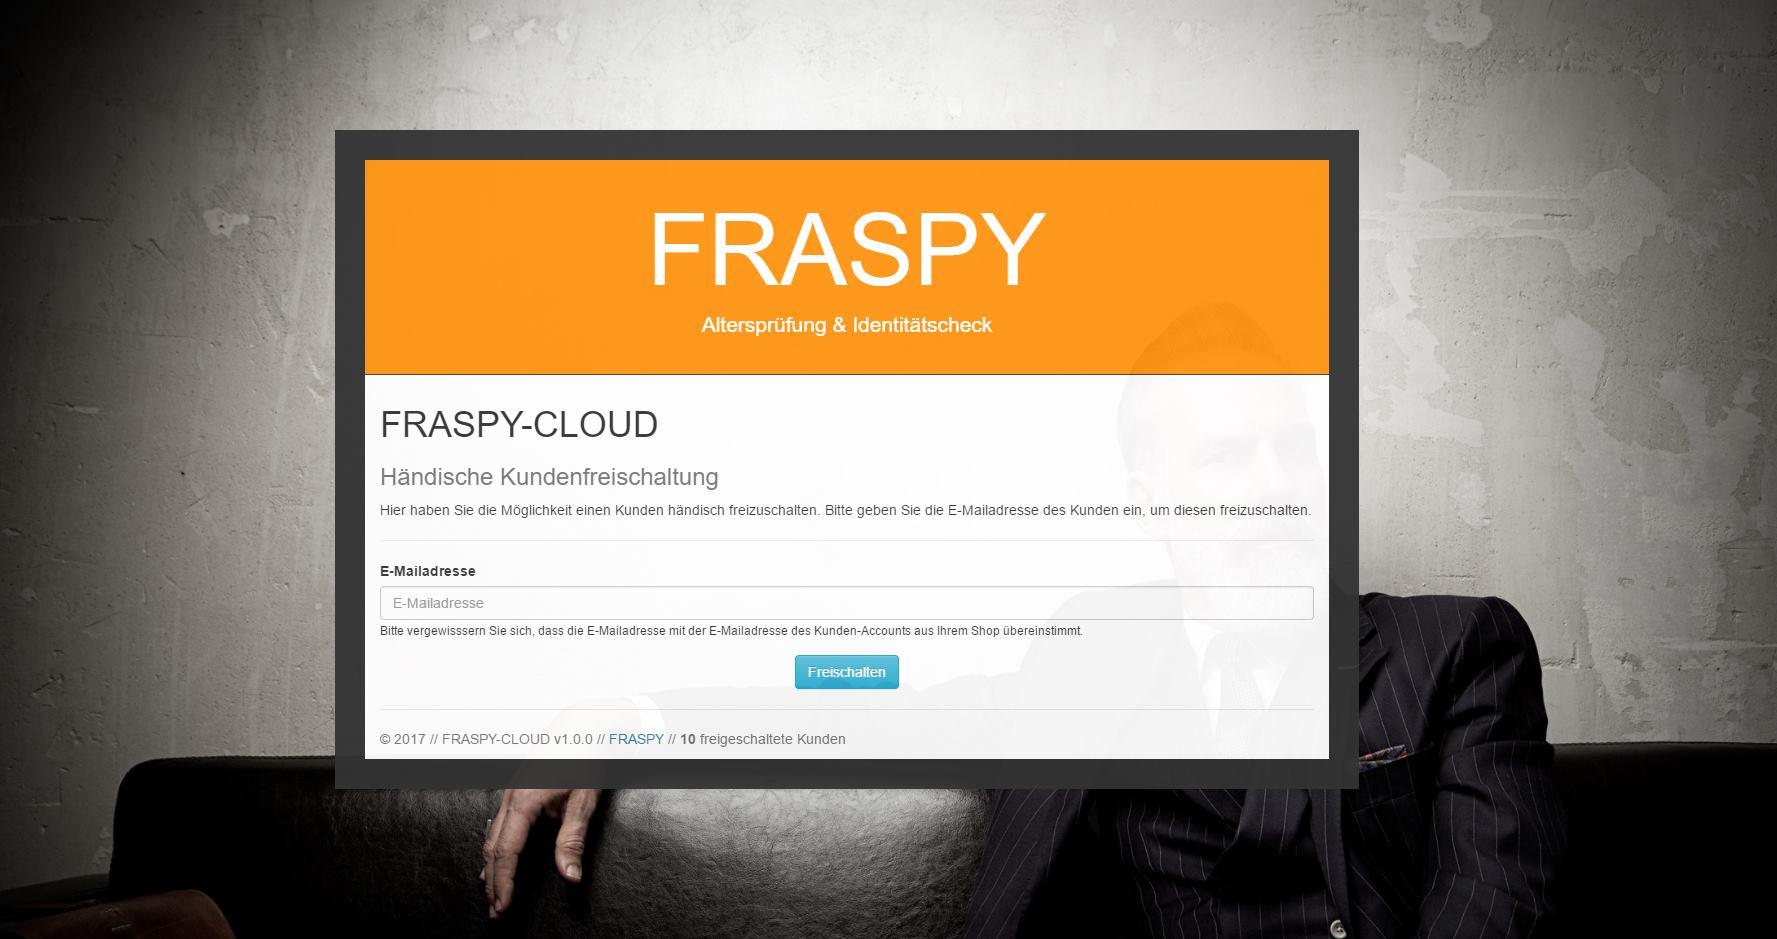 Über die gesicherte FRASPY-Cloud erhalten Sie Zugang um Ihre Kunden händisch freischalten zu können.